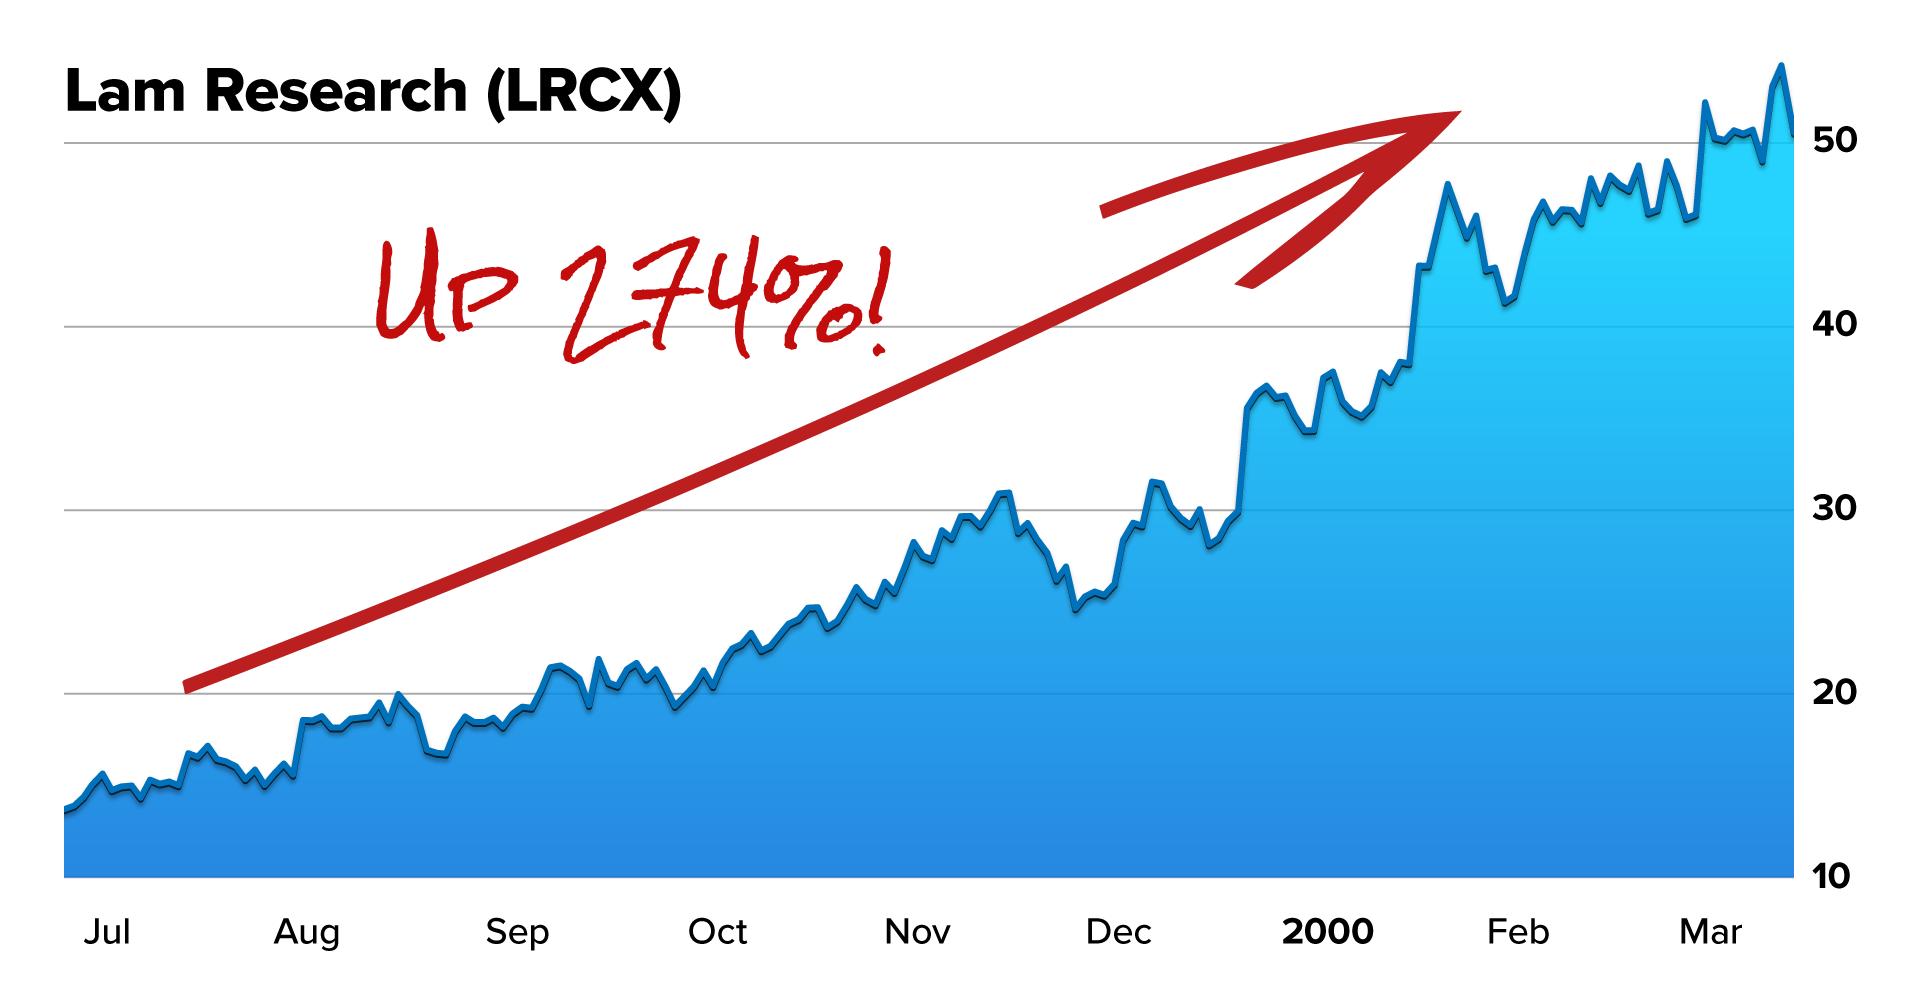 LRCX Up 247%